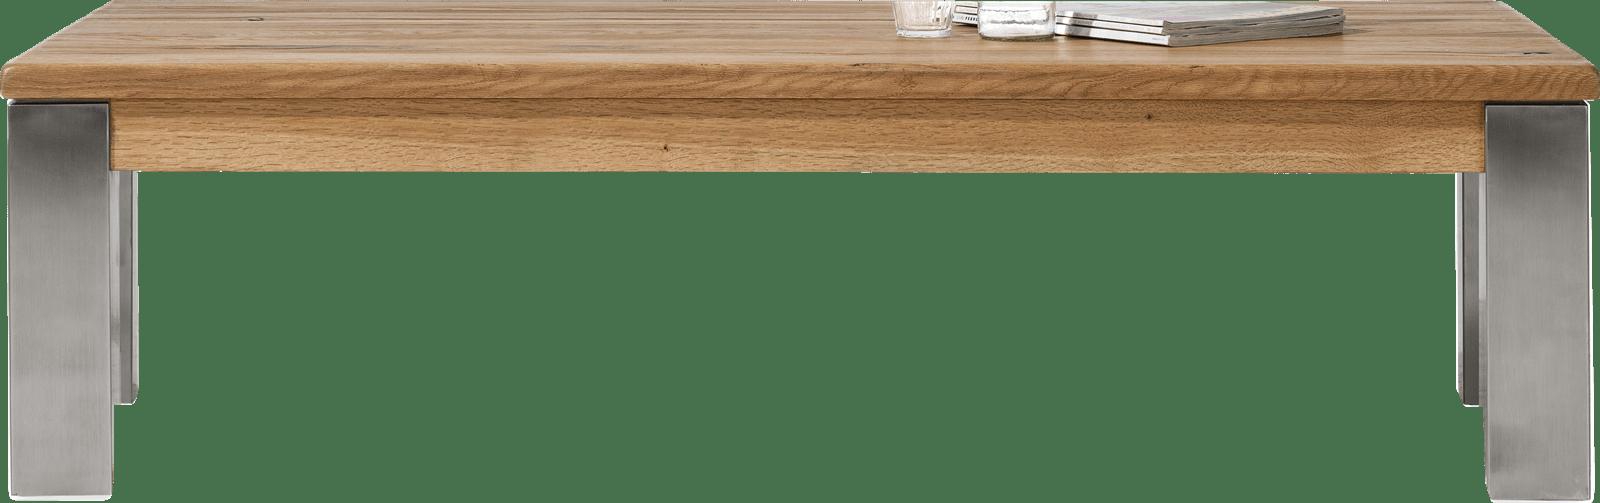 Masters - salontafel 140 x 70 cm - rvs 9x9